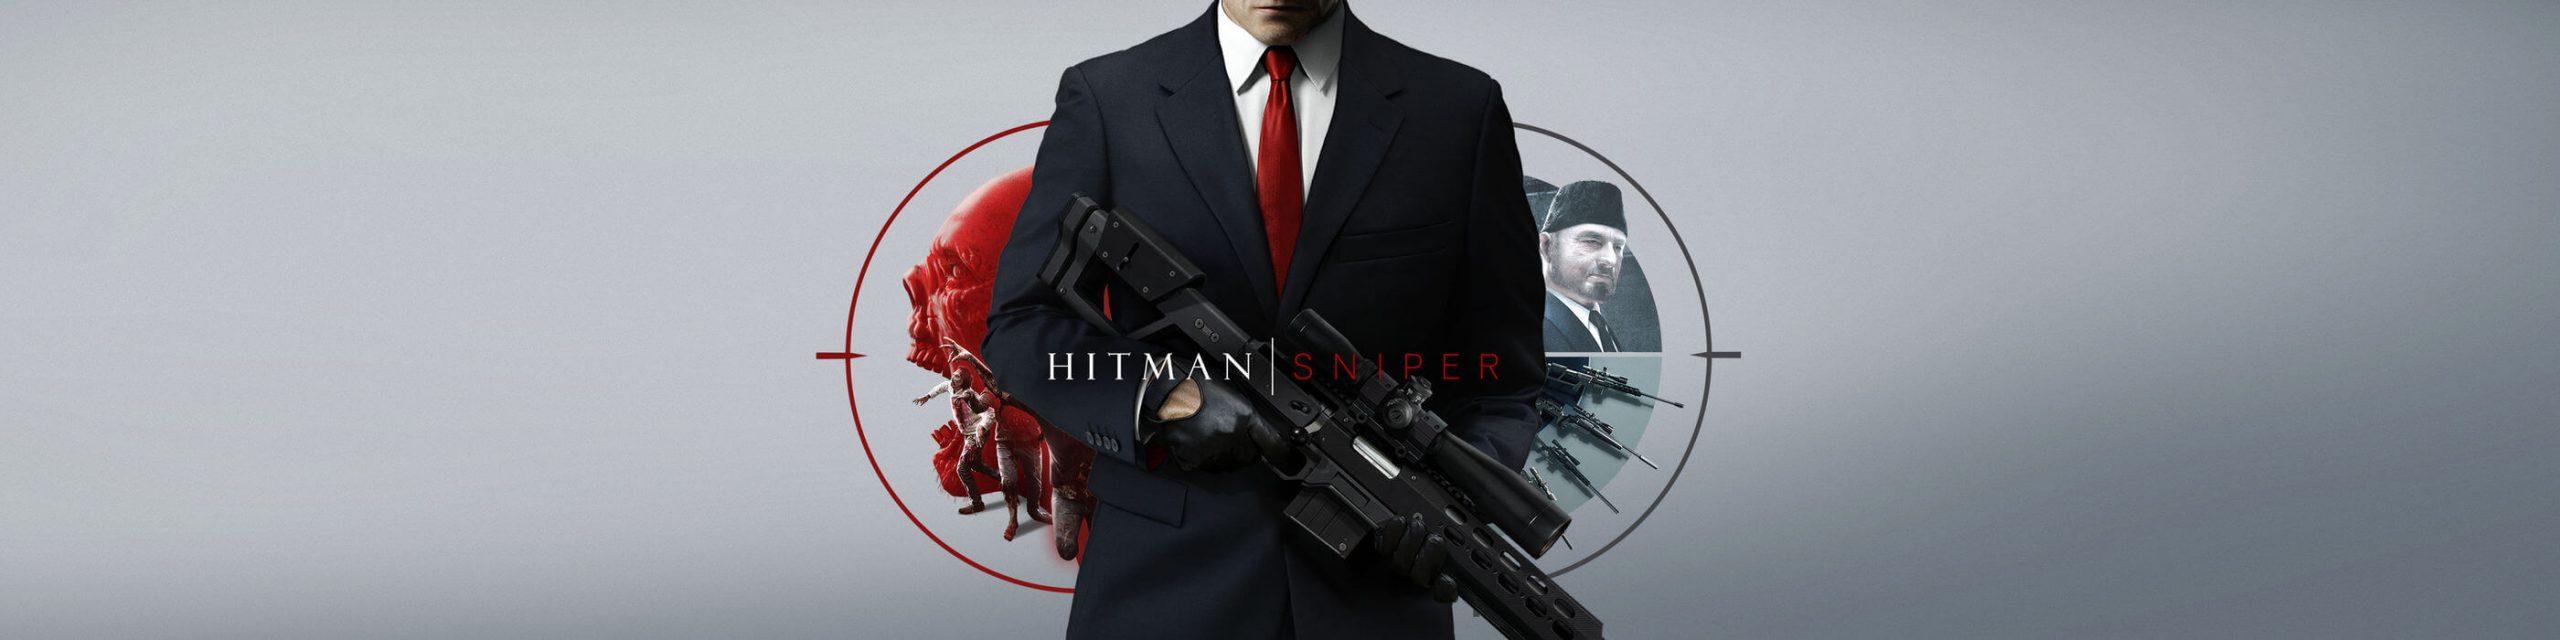 [已购]杀手:狙击 (Hitman Sniper)-草蜢资源